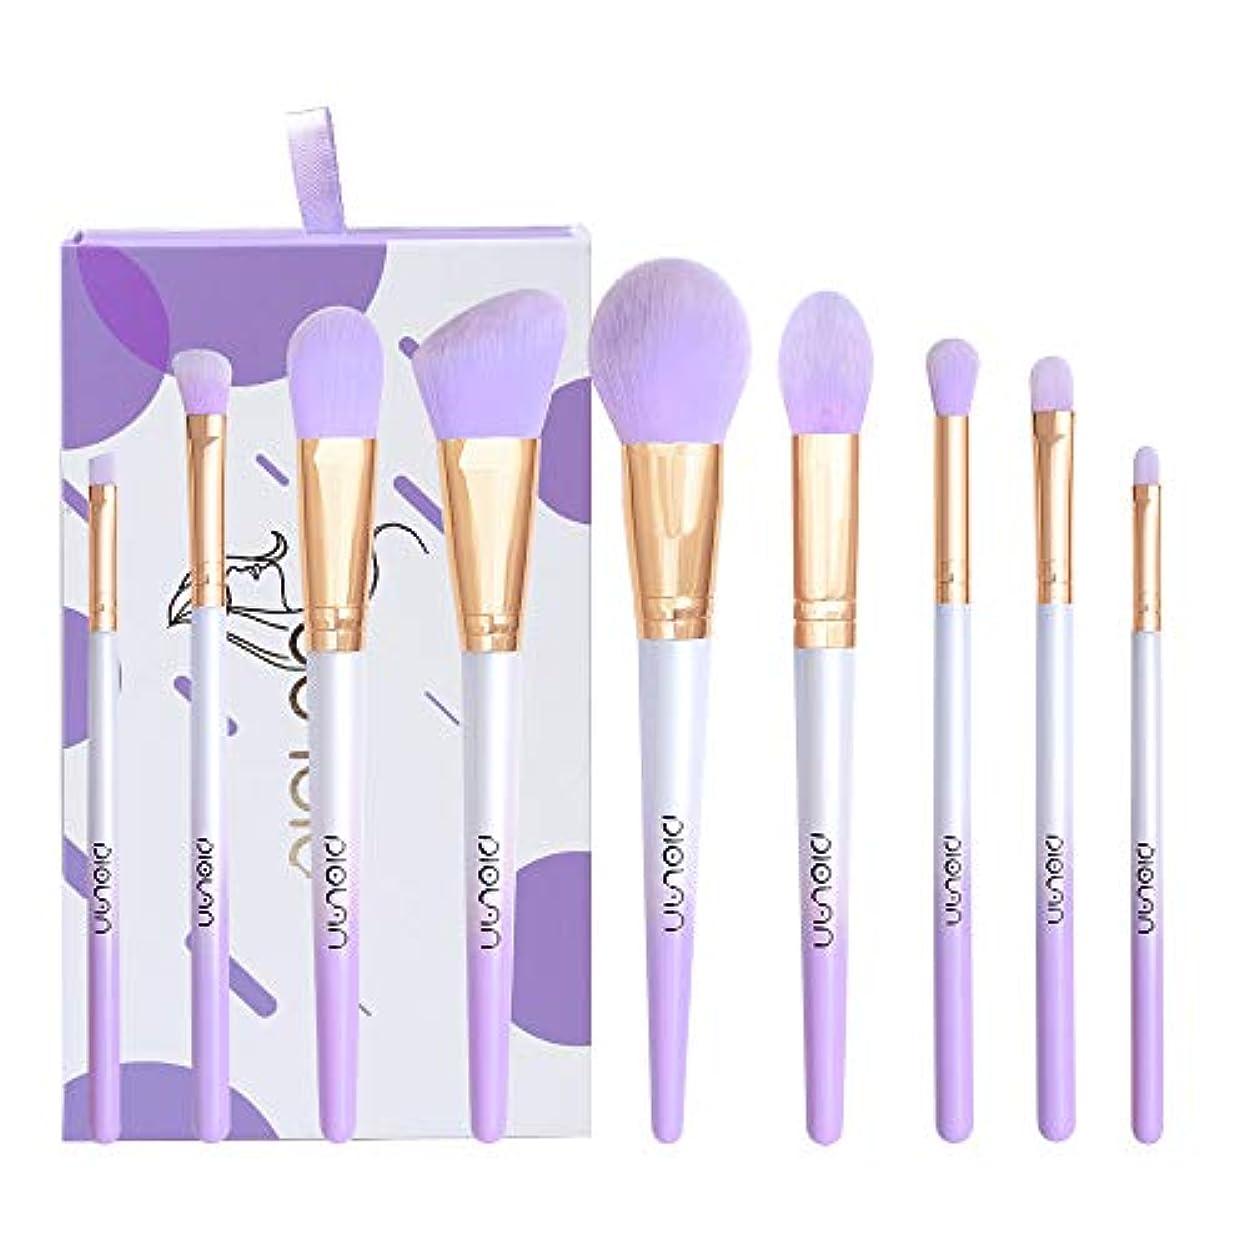 専門用語含む認可Diolan メイクブラシ 化粧ブラシセット 高級タクロン 超柔らかい 9本セット (パープル)